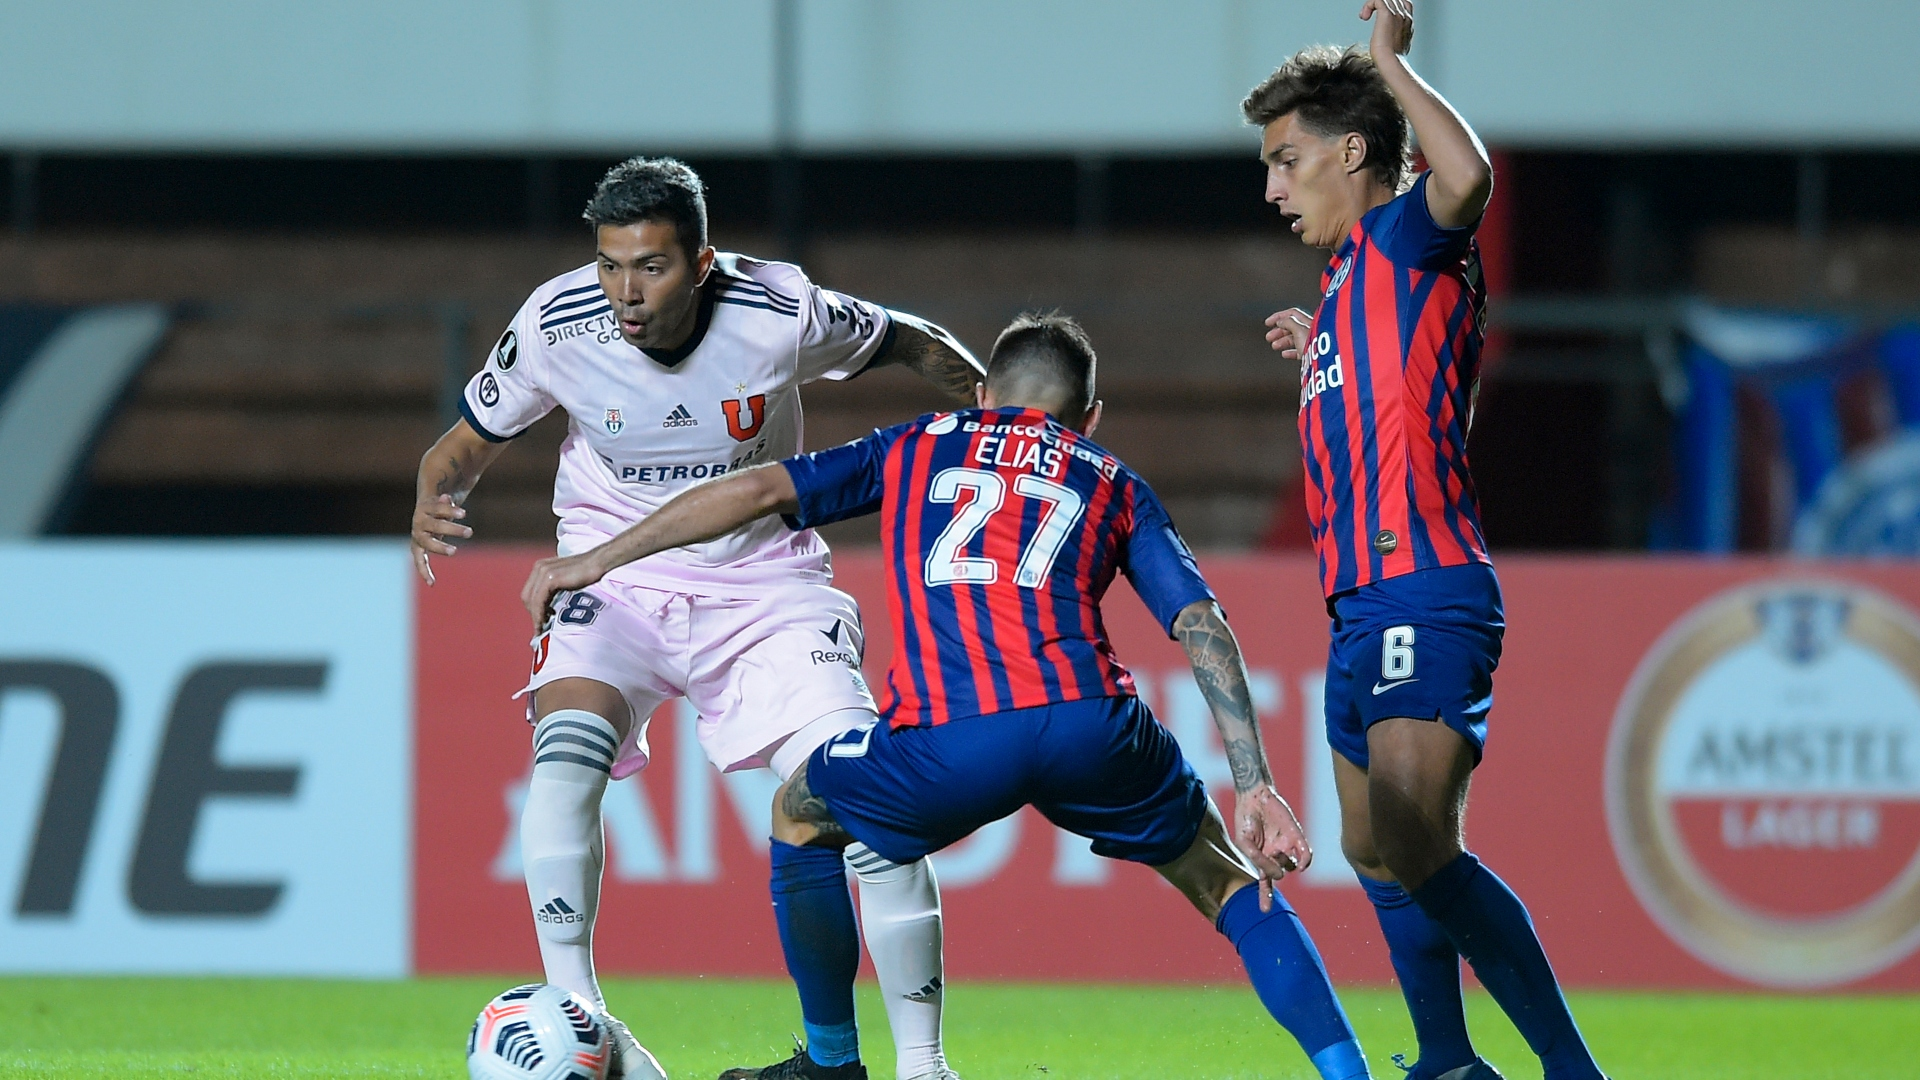 San Lorenzo vs. Universidad de Chile en vivo: partido online, resultado, goles, videos y formaciones   Goal.com